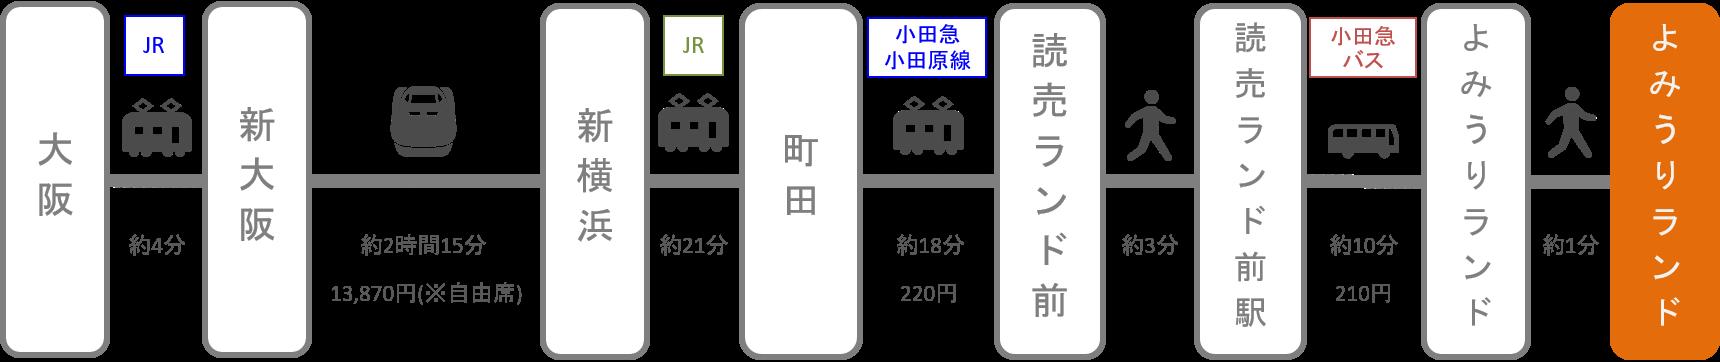 よみうりランド_梅田(大阪)_新幹線